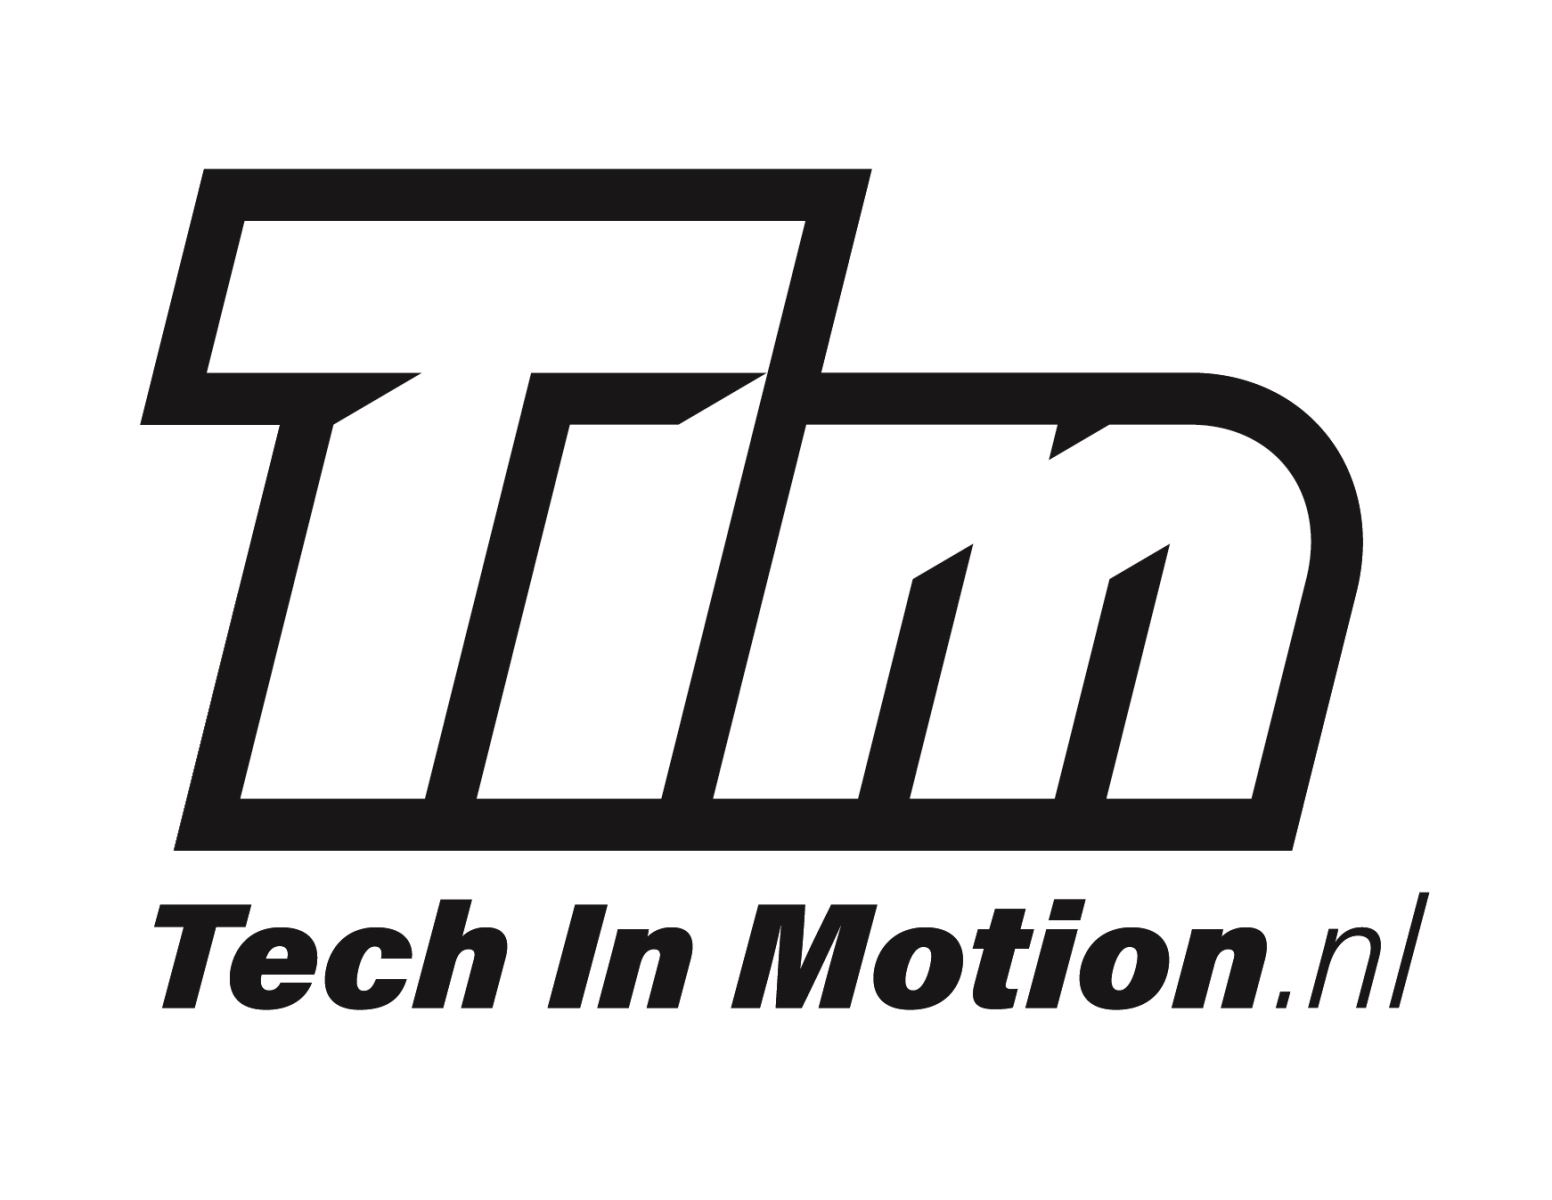 Tech in Motion